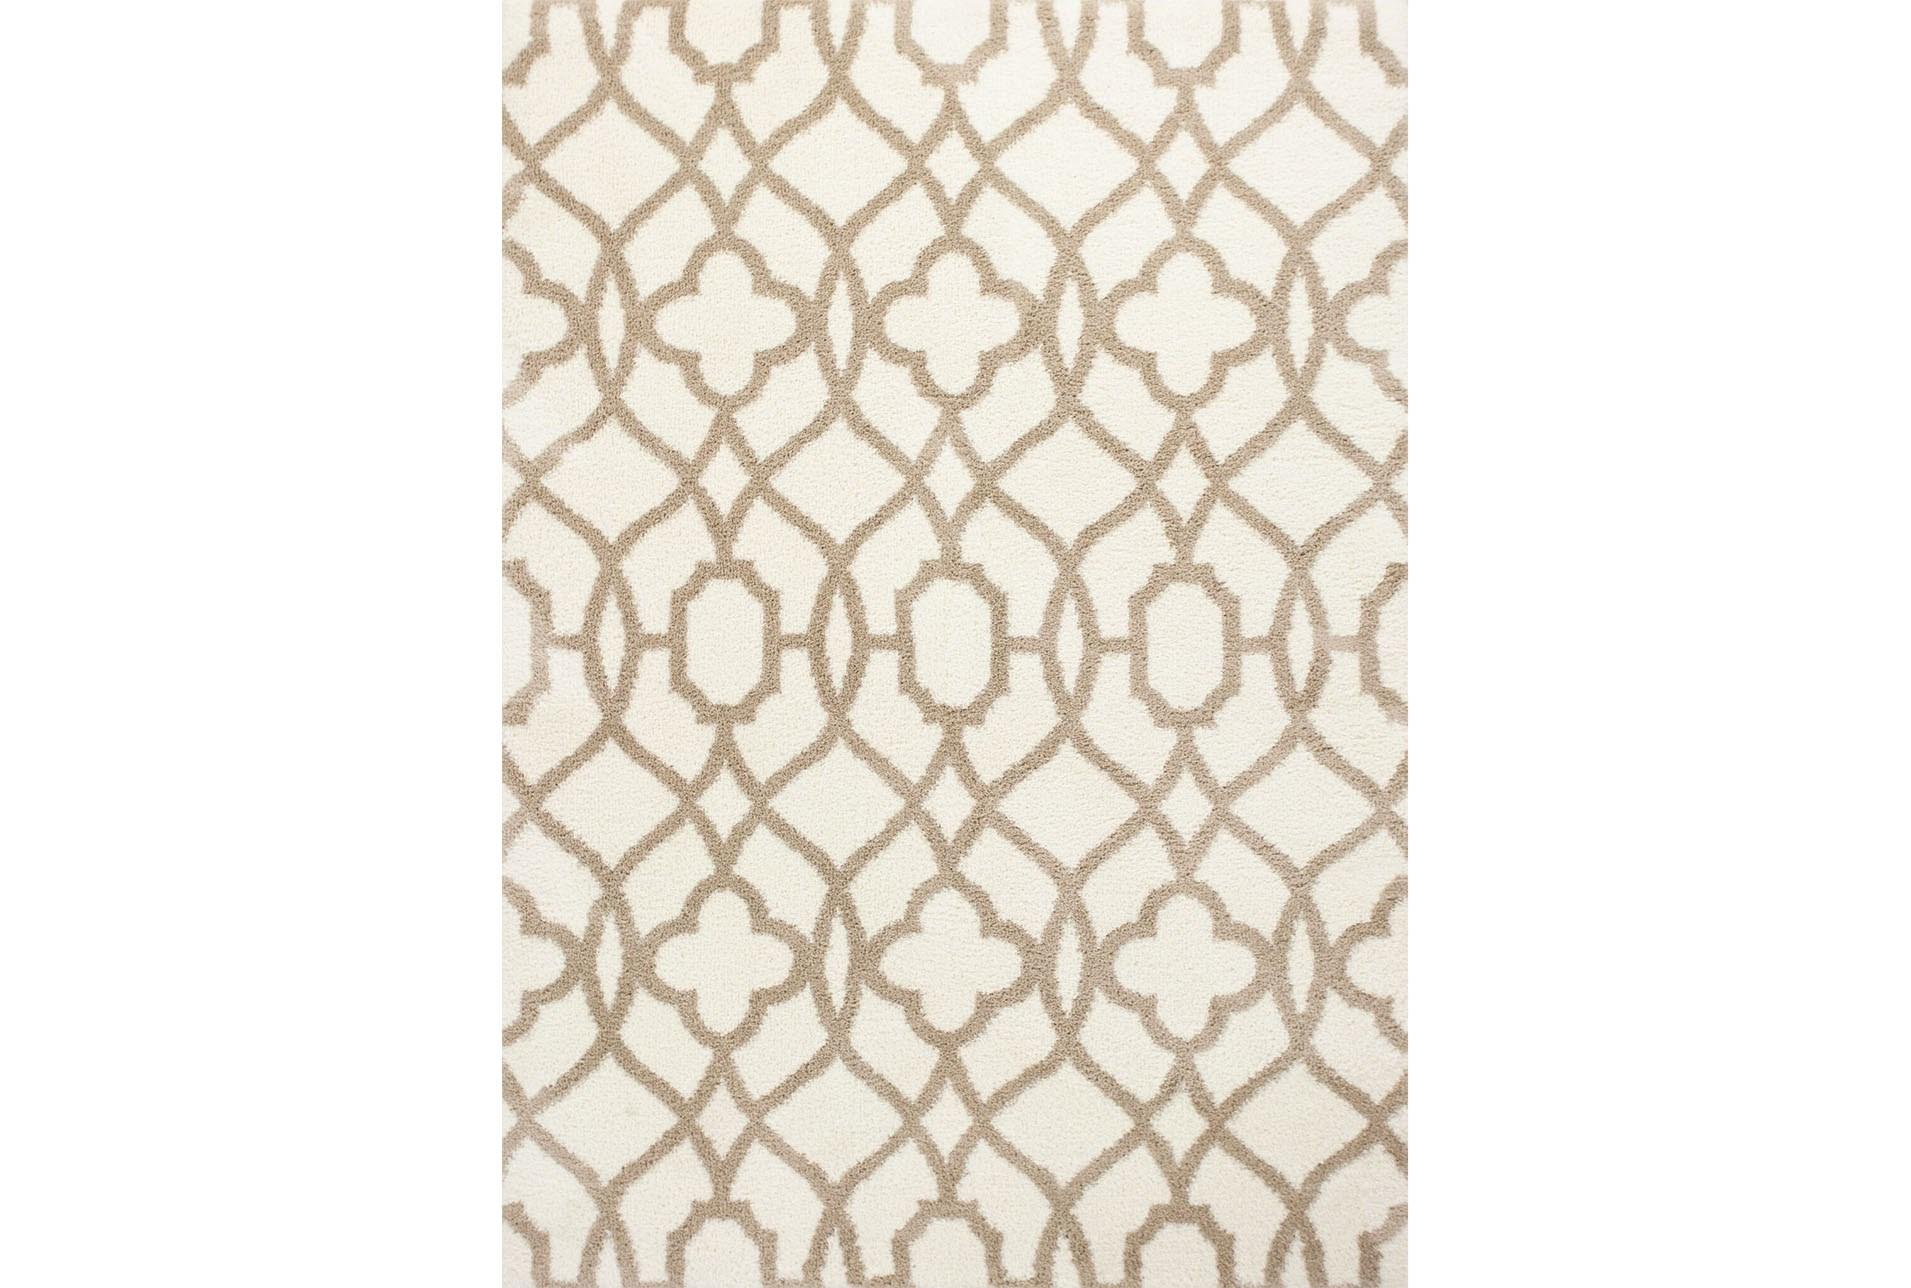 94x126 rug-reece trellis beige | living spaces Beige Rug